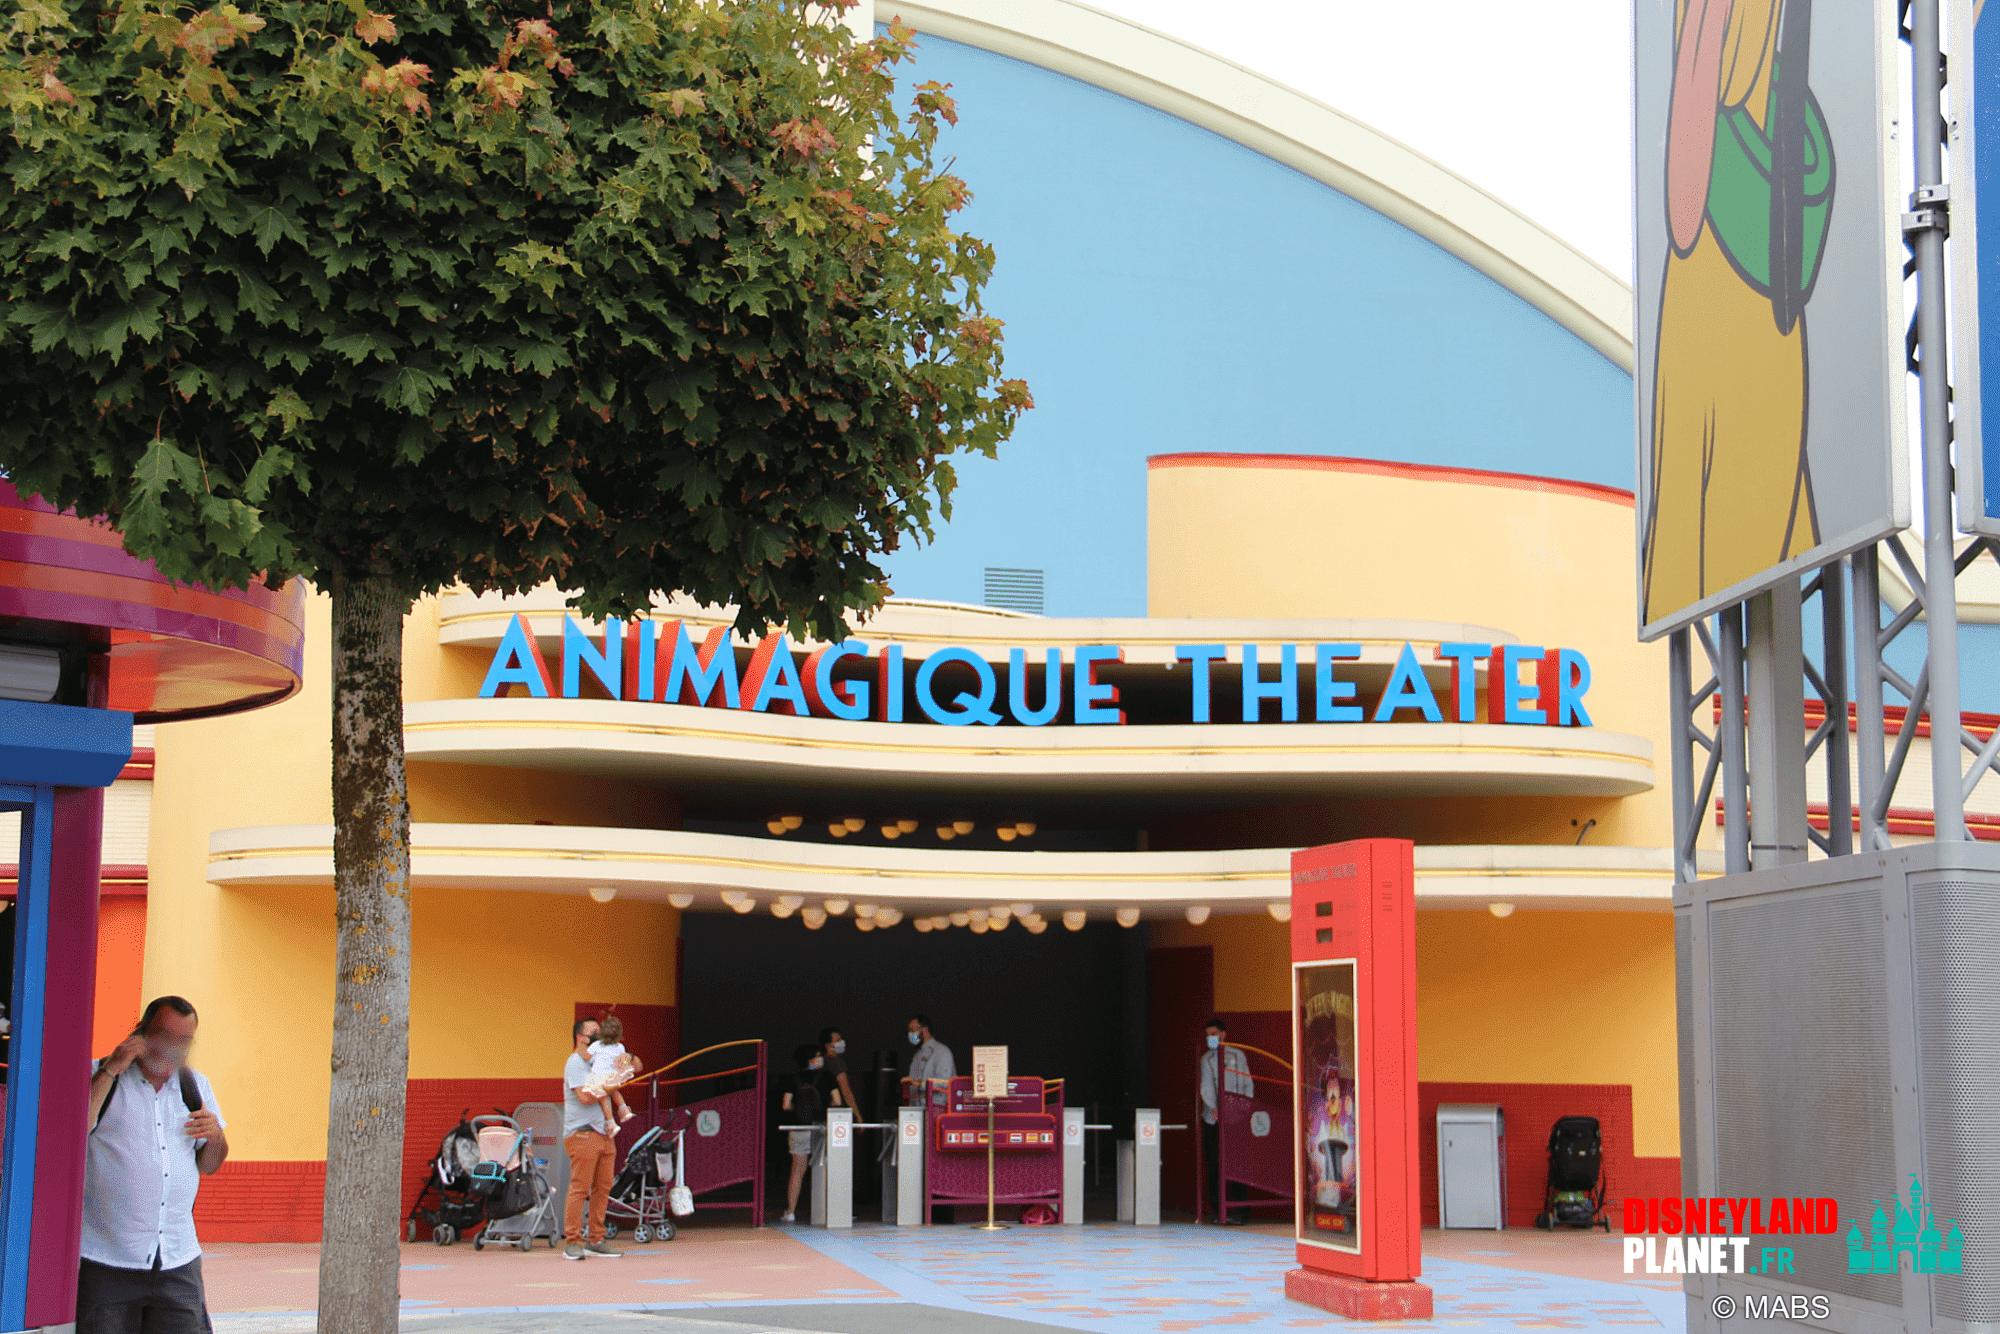 animagique theater disneyland paris